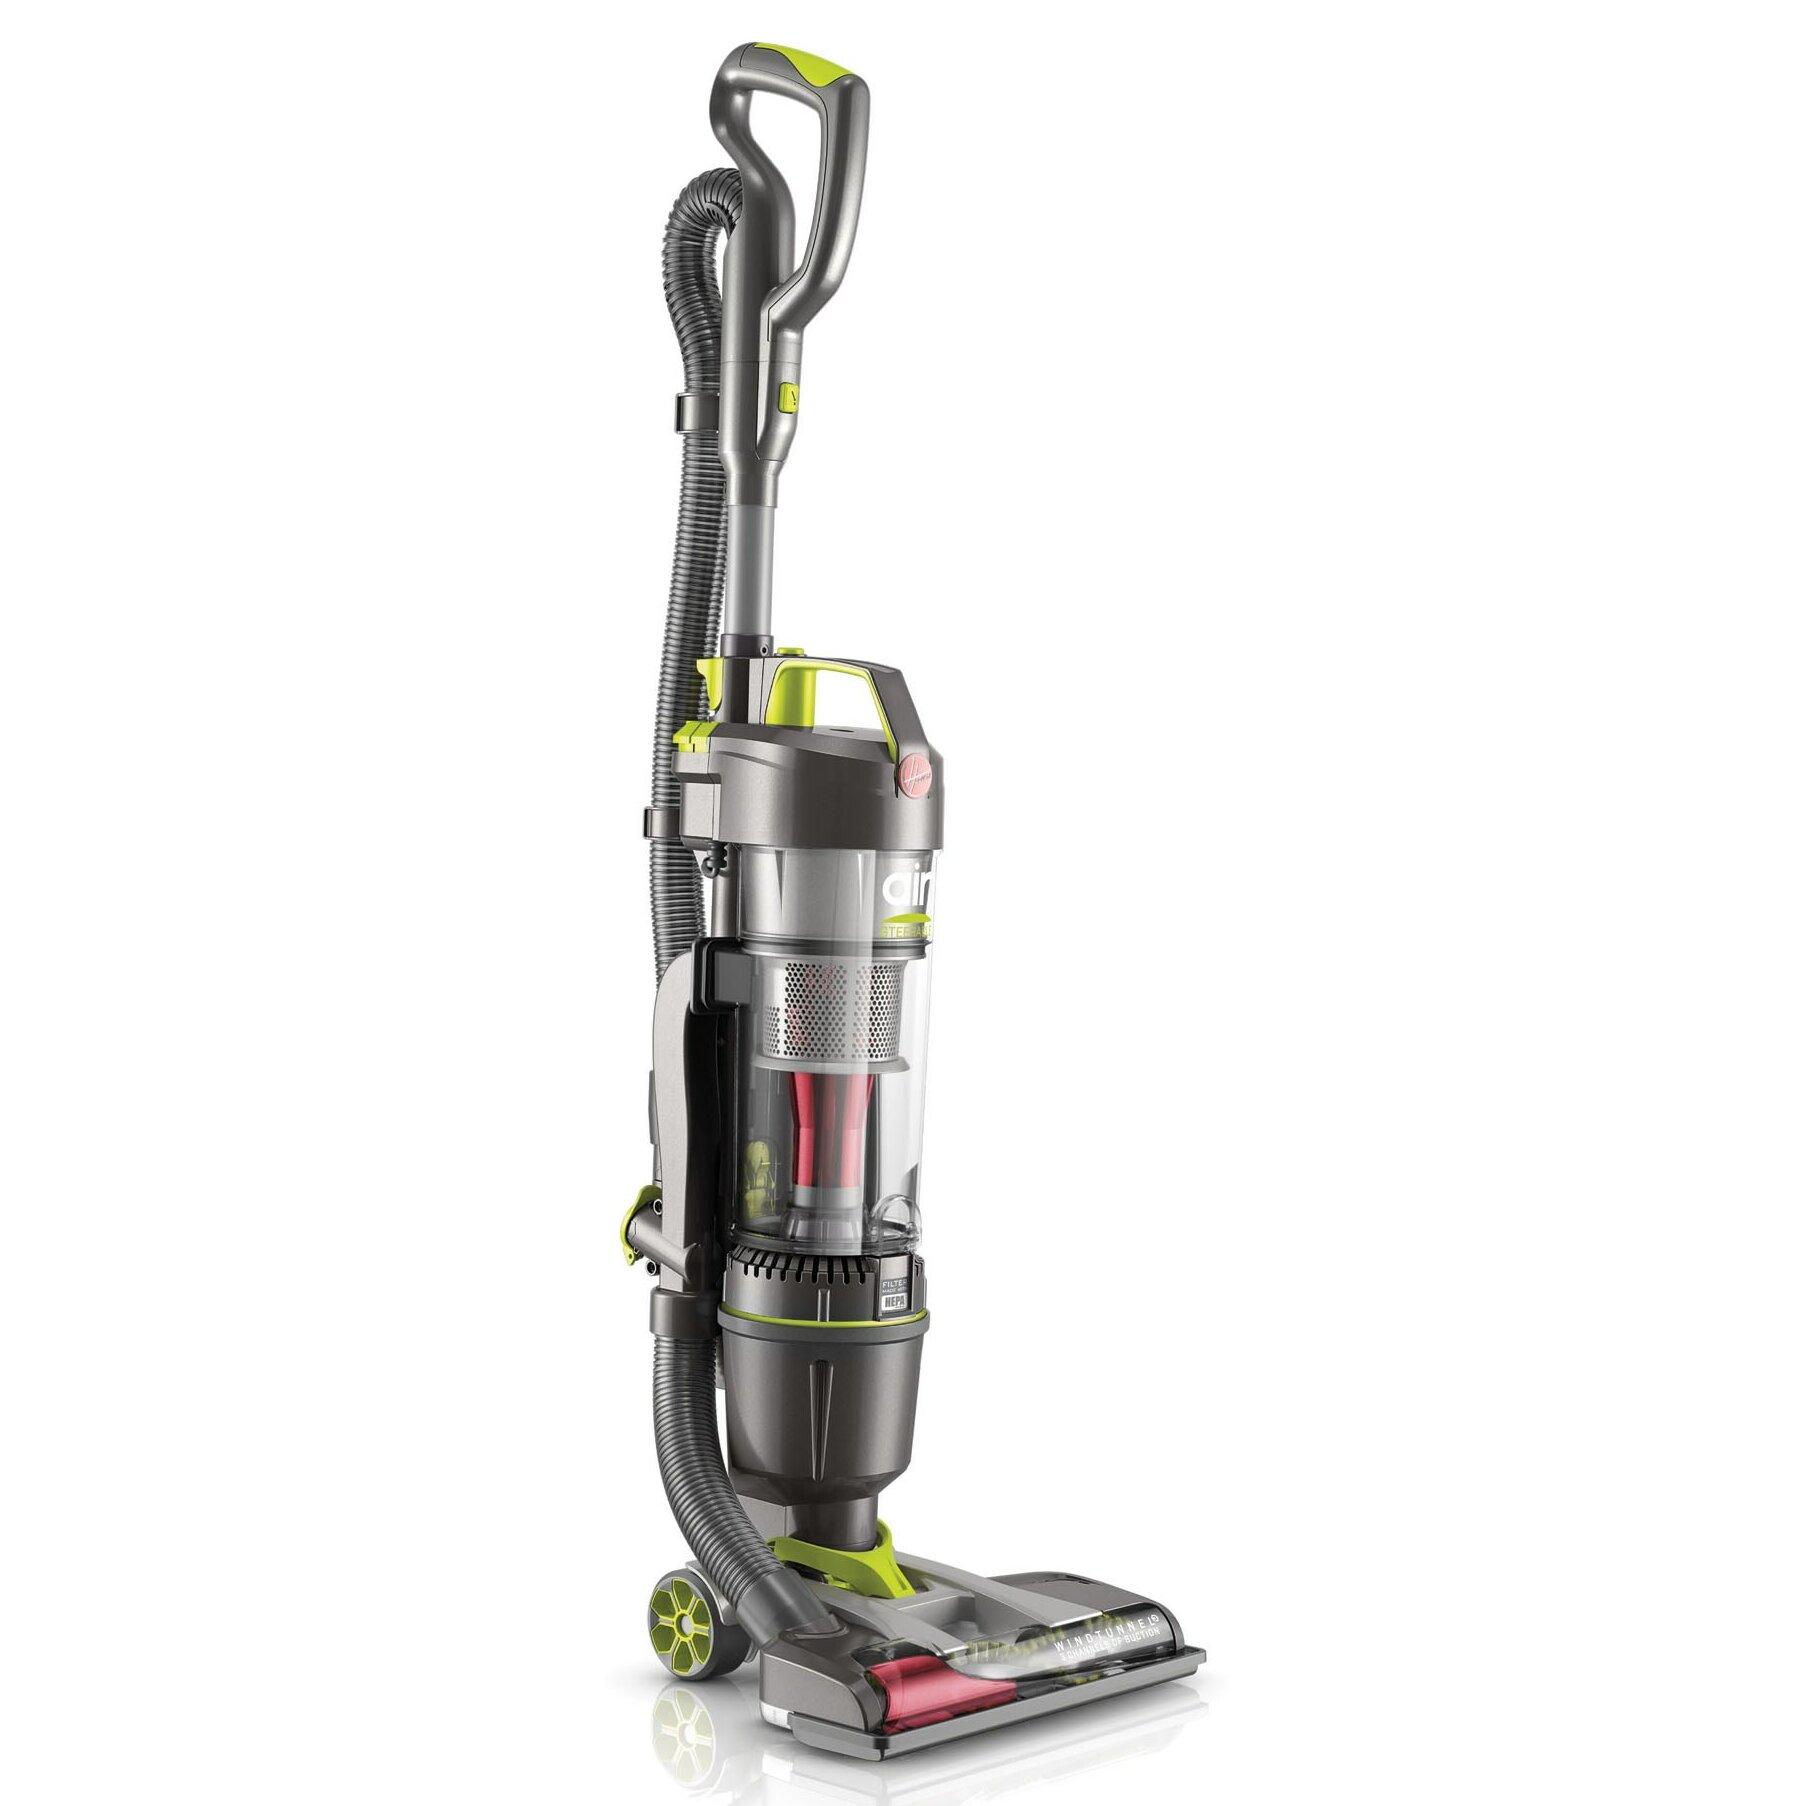 Hoover Air Steerable Pet Upright Vacuum Wayfair